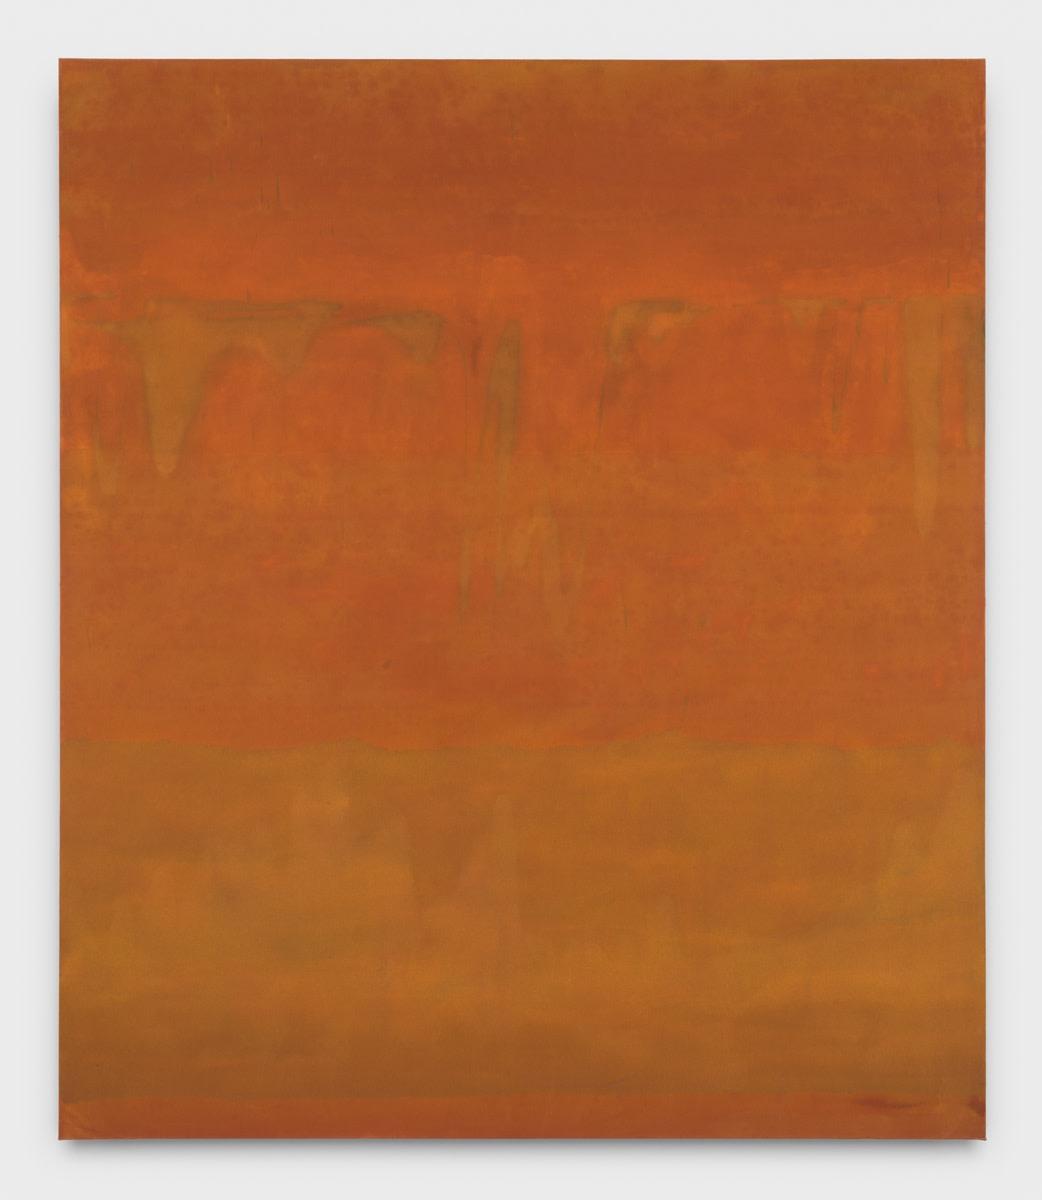 Virginia Jaramillo Untitled, c. 1979 Oil on canvas 213.4 x 182.9 cm 84 x 72 in Inquire